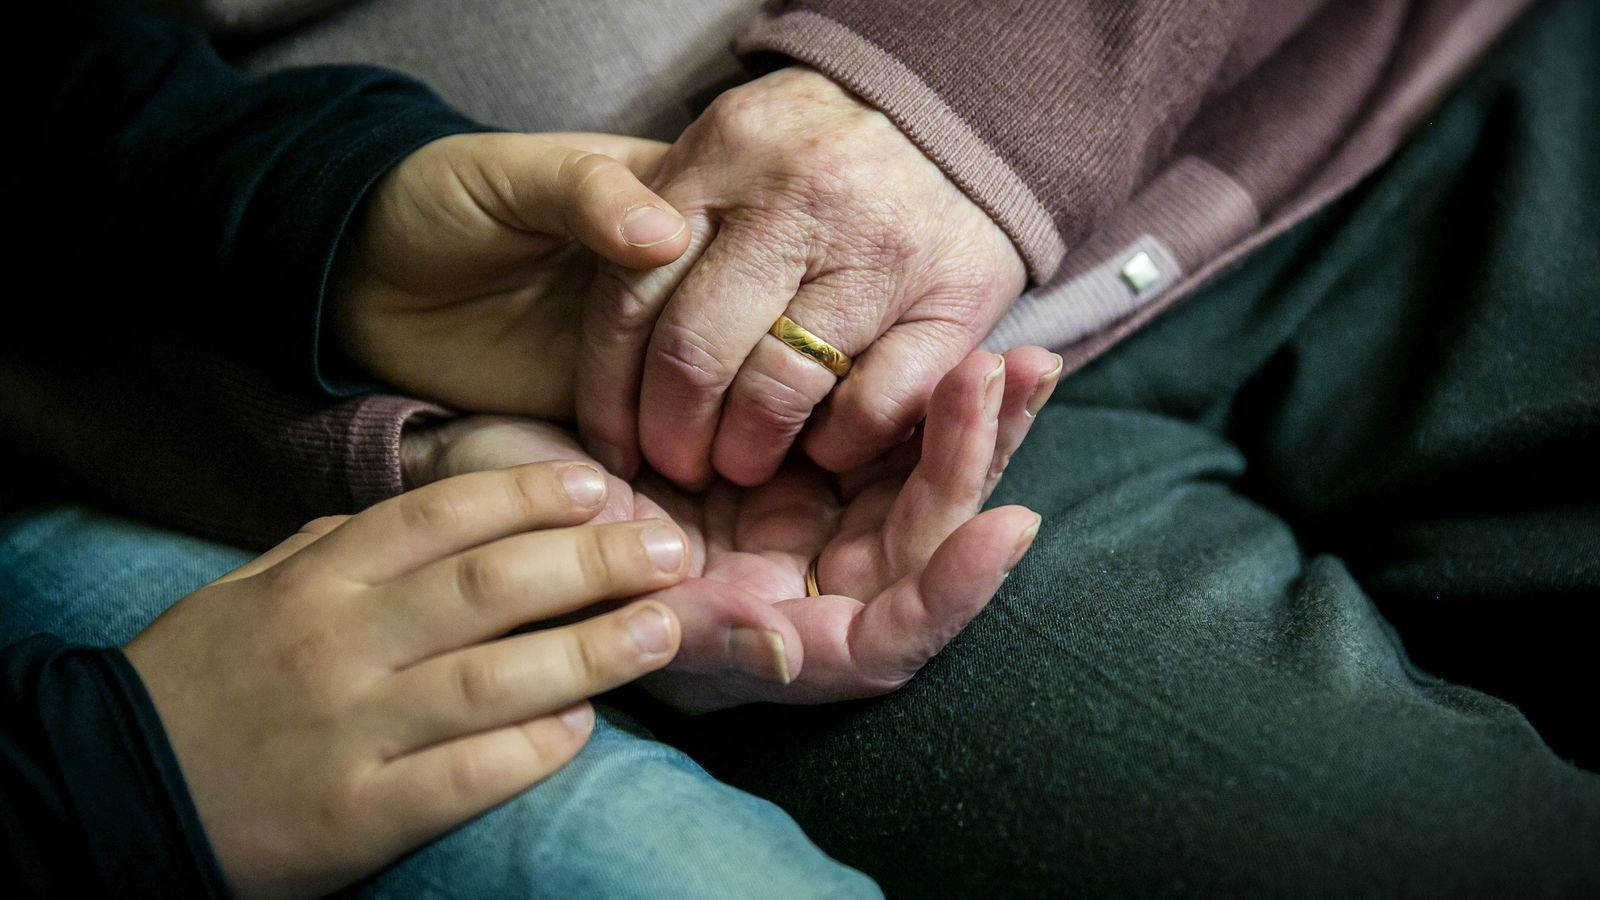 Una anàlisi de sang podria predir l'Alzheimer amb 20 anys d'antelació